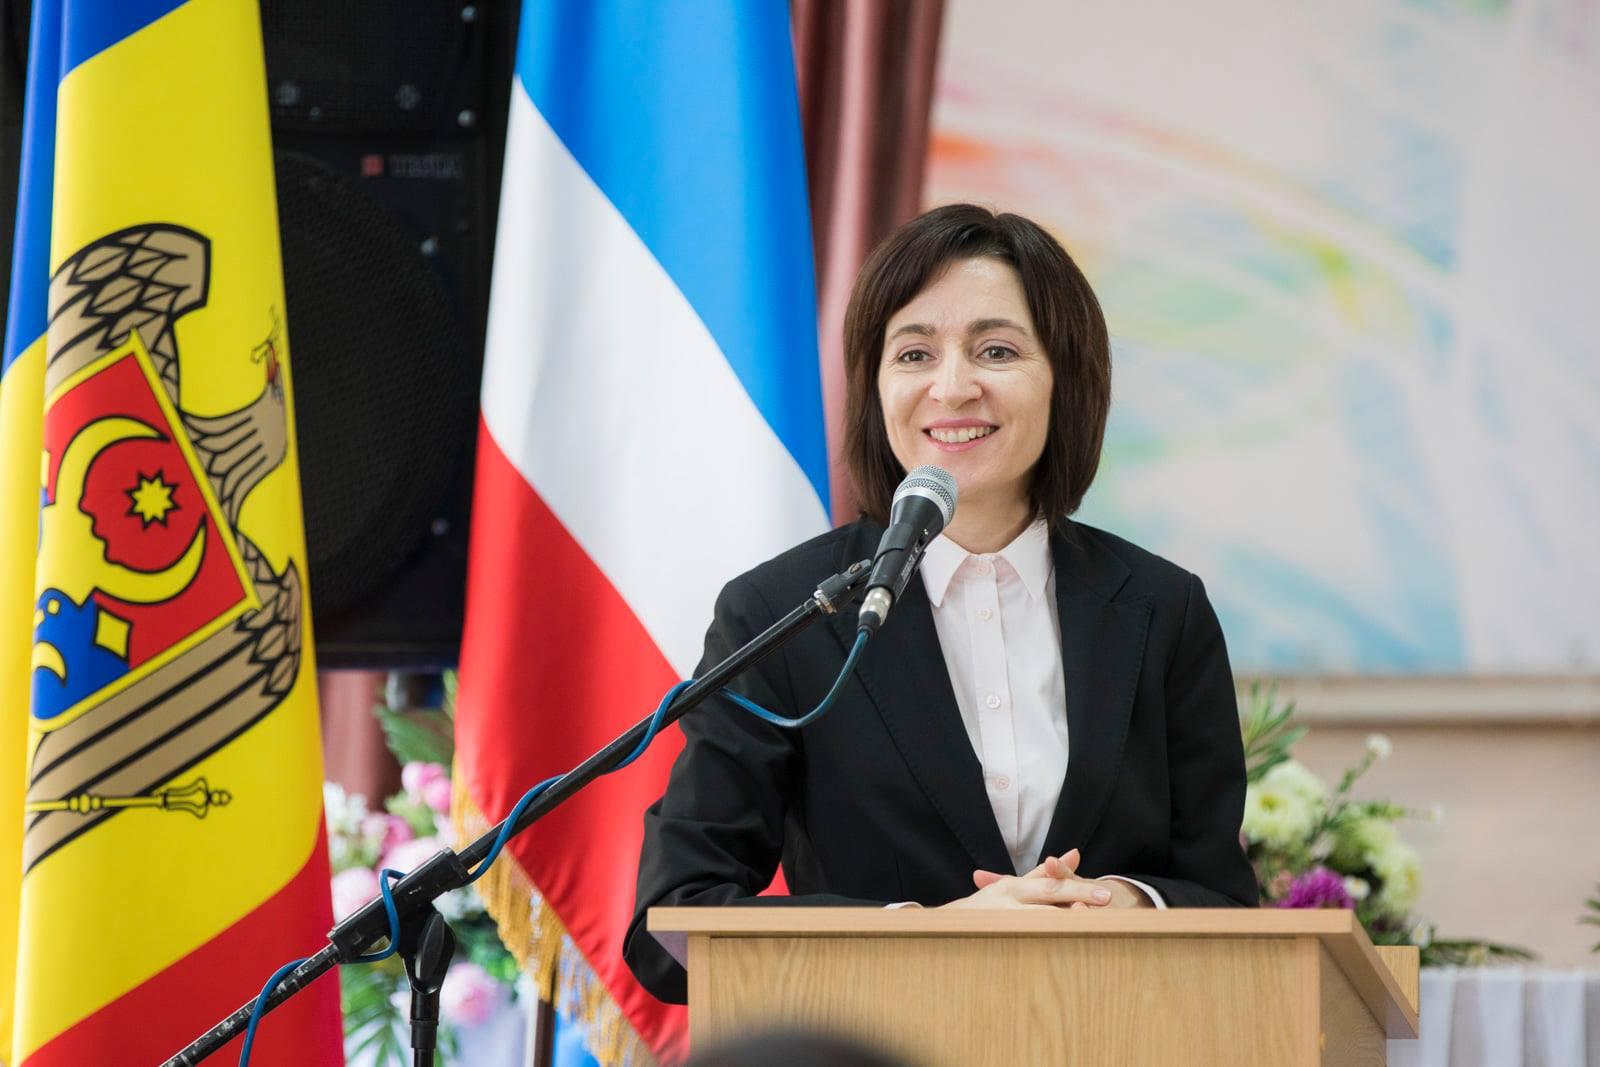 Maia Sandu a fost învestită în funcţia de preşedinte al Republicii Moldova